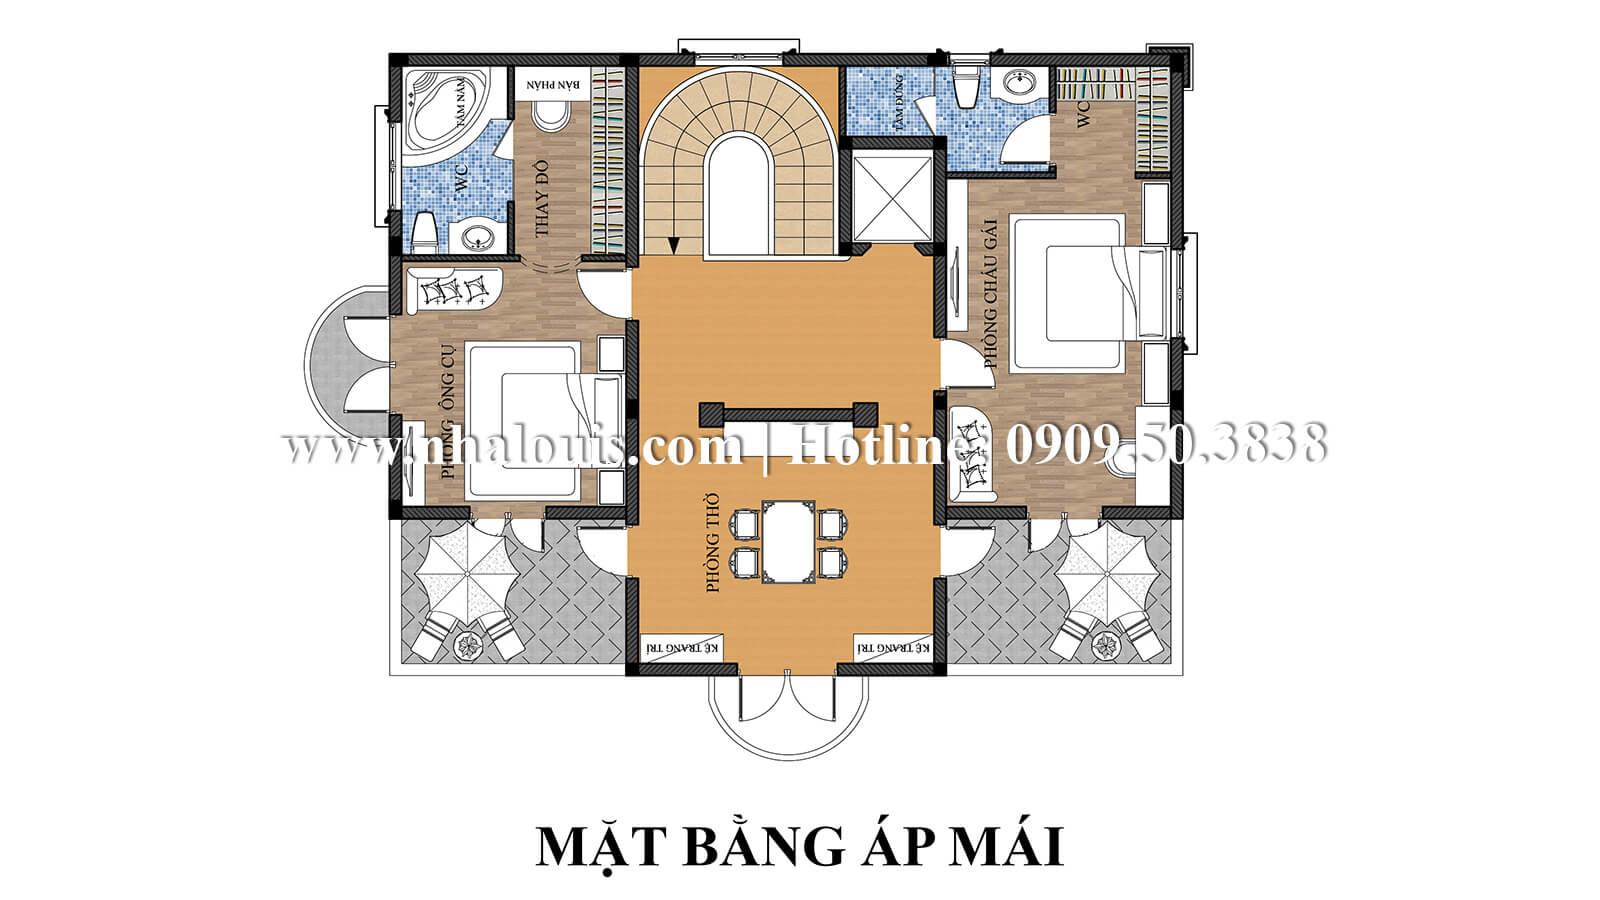 Mặt bằng áp mái thiết kế biệt thự kiểu pháp 4 tầng tuyệt đẹp tại quận 9